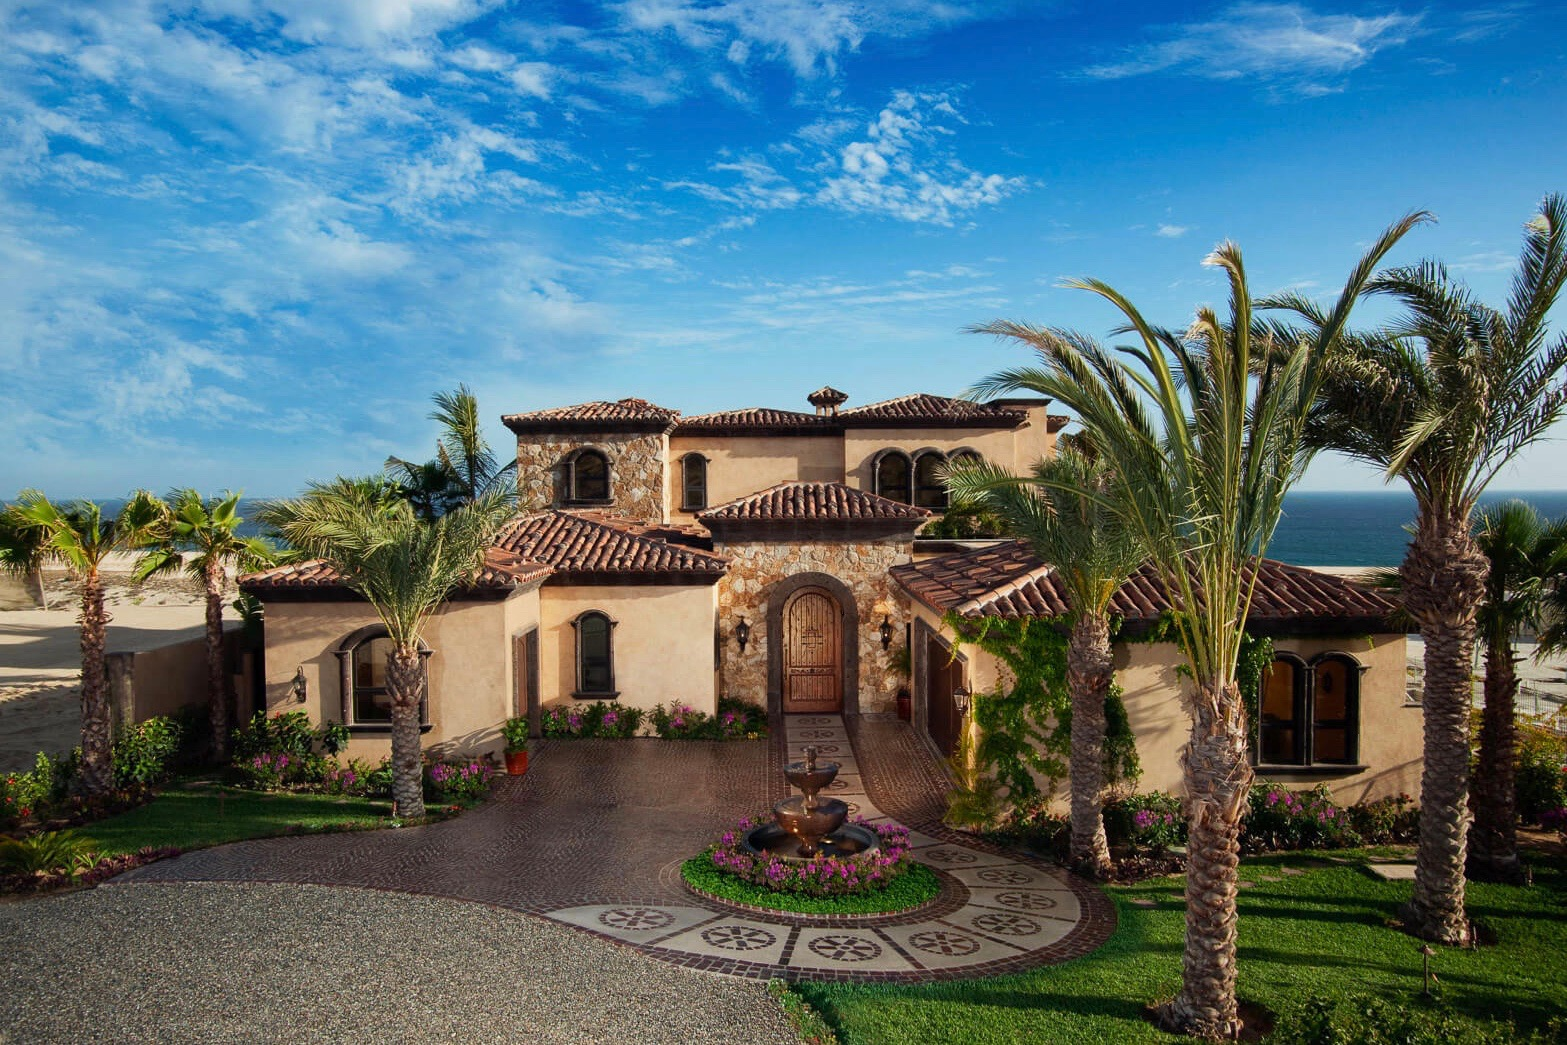 A home in Coronado